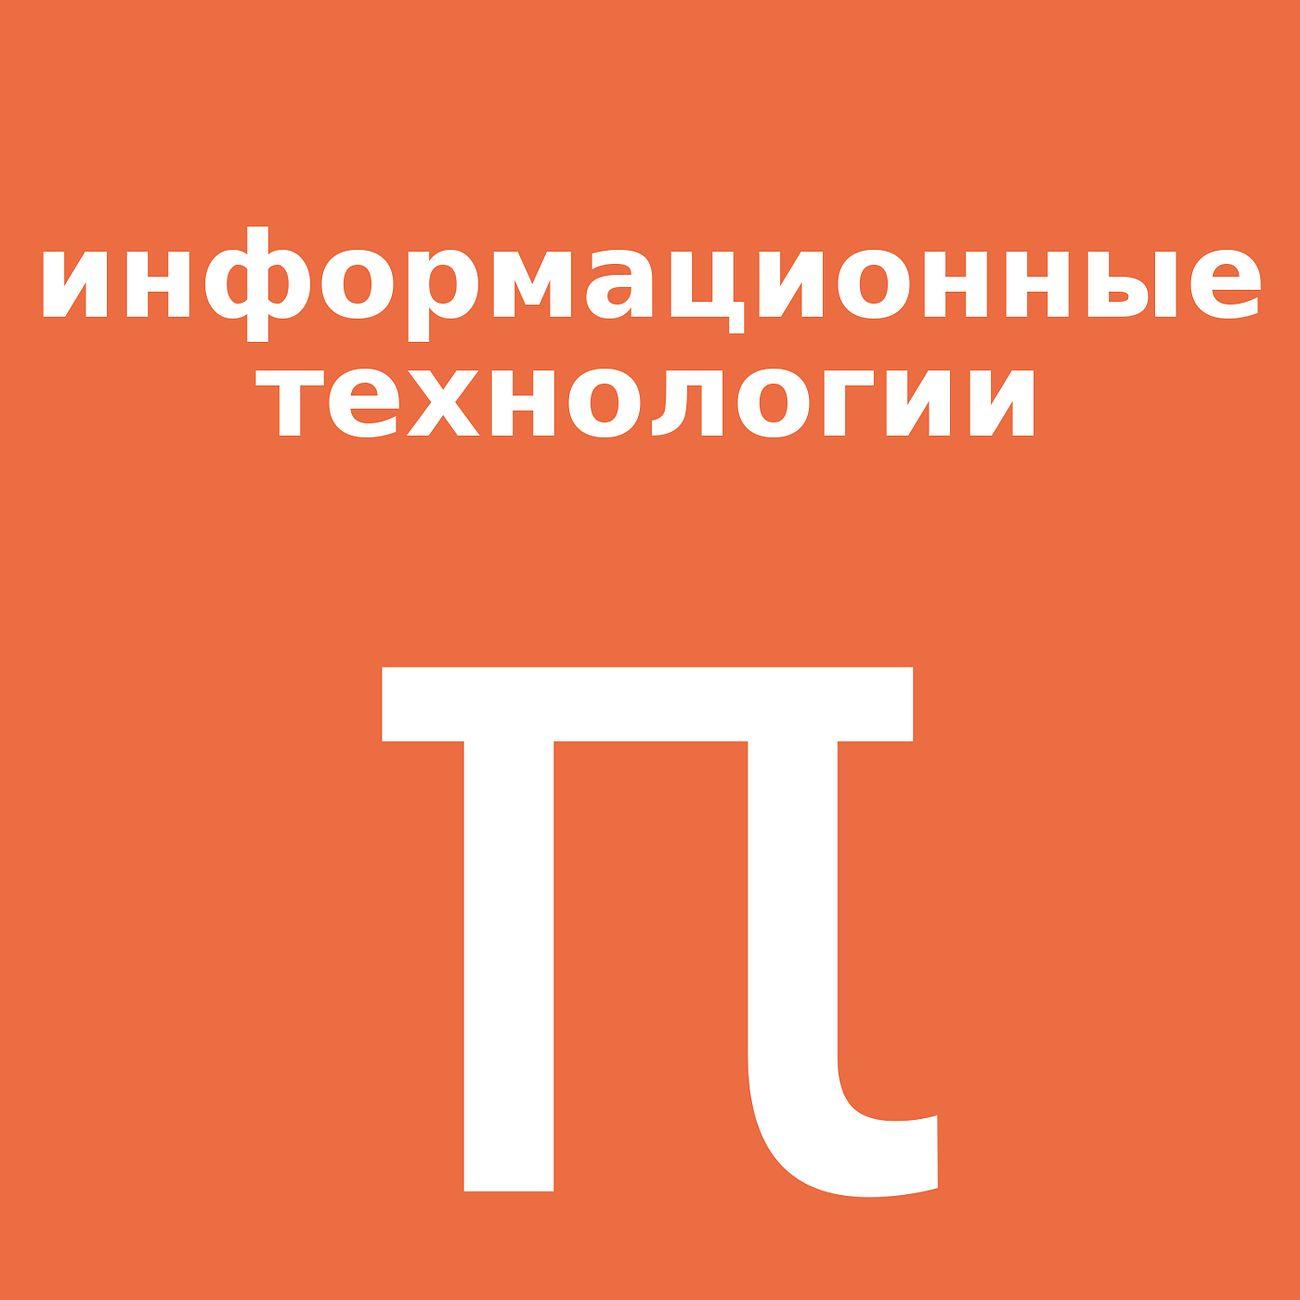 Информационные технологии на ПостНауке